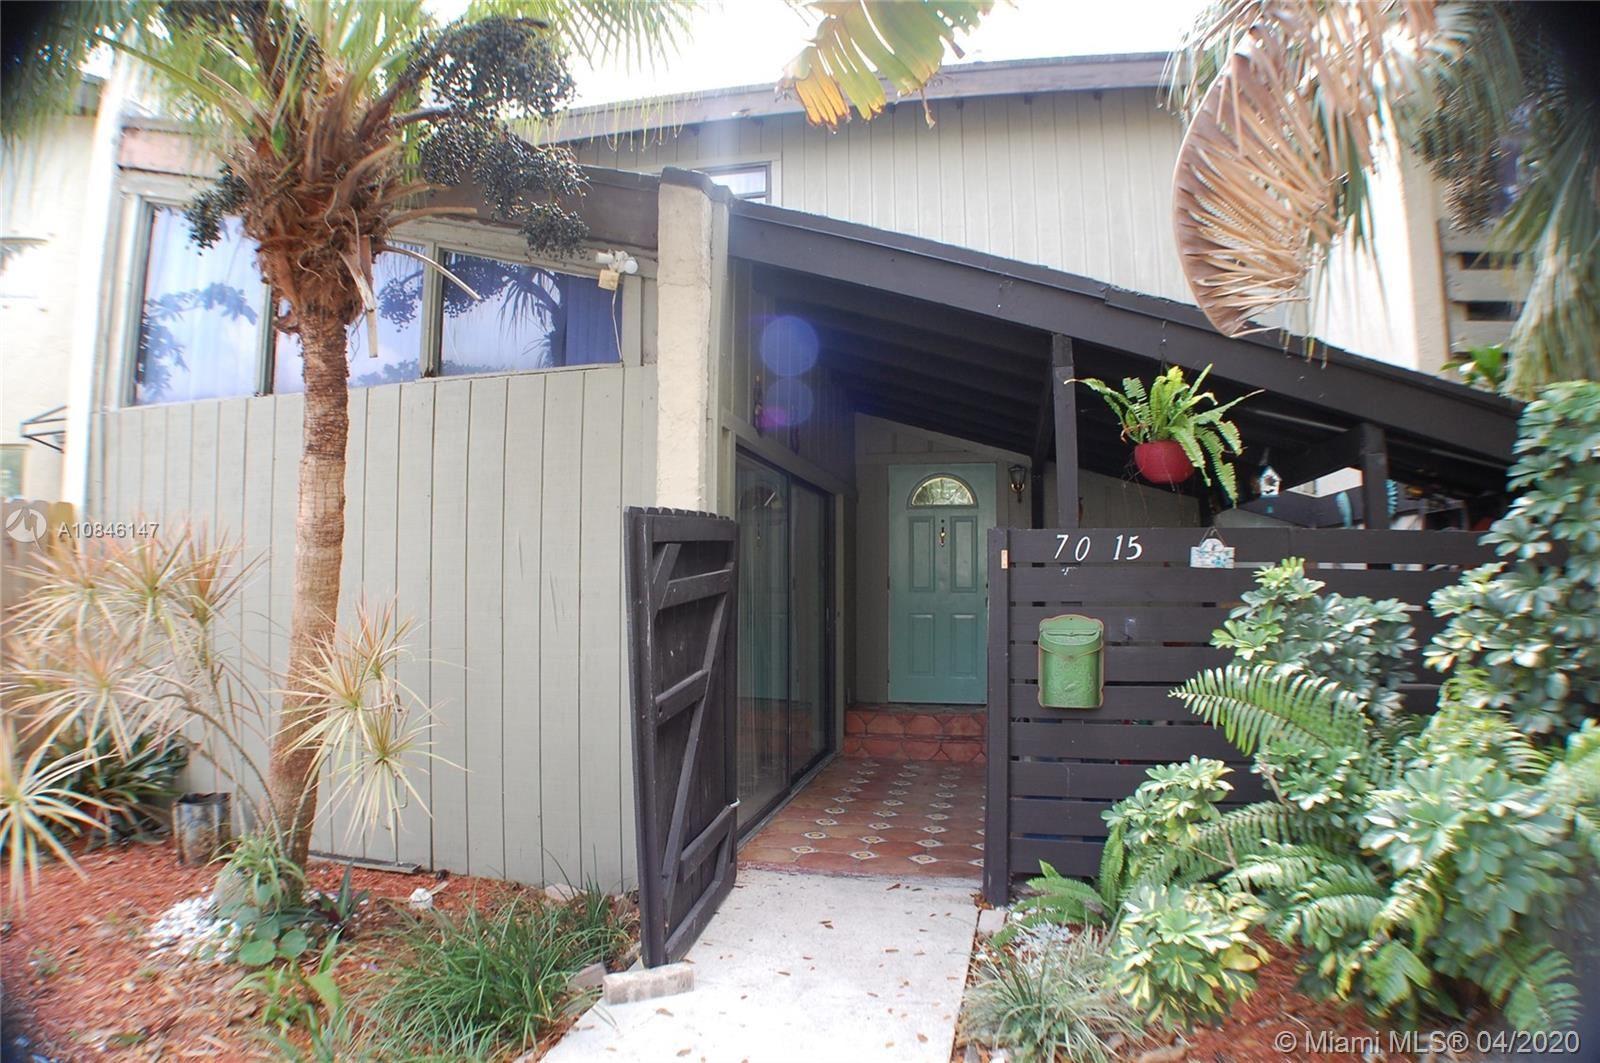 7015 SW 112th ct #1, Miami, FL 33173 - #: A10846147